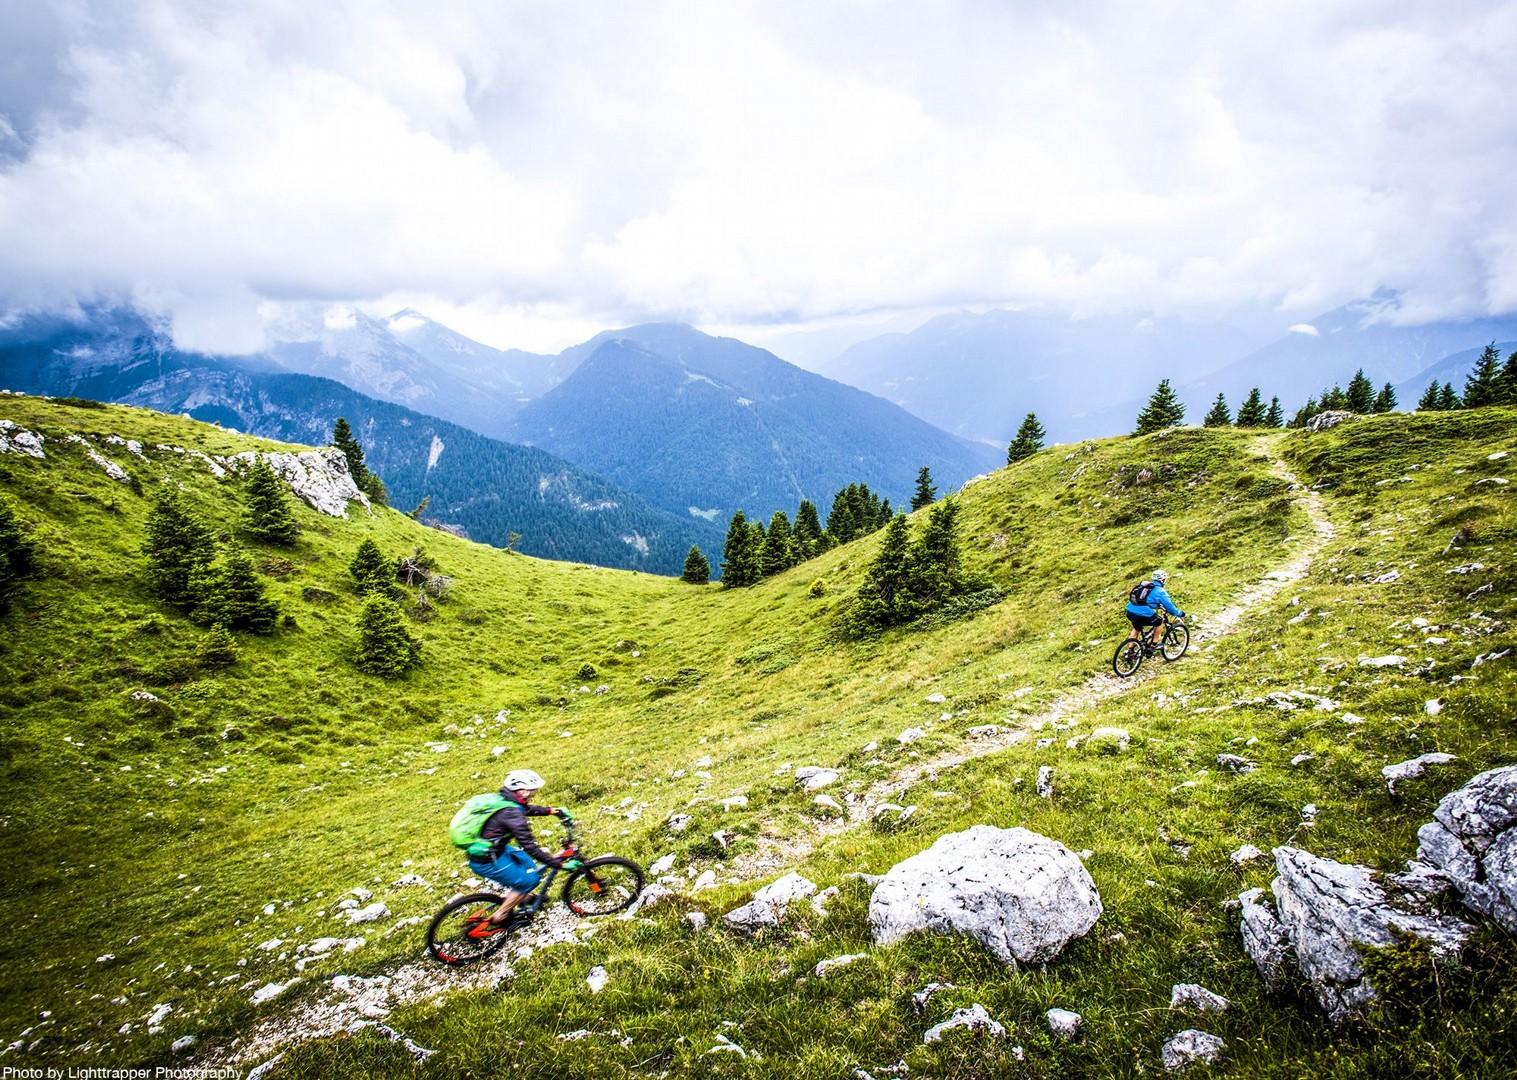 saddle_skedaddle_italy_2017_day6_brenta_dolomites_205-2.jpg - Italy - Dolomites of Brenta - Guided Mountain Bike Holiday - Italia Mountain Biking